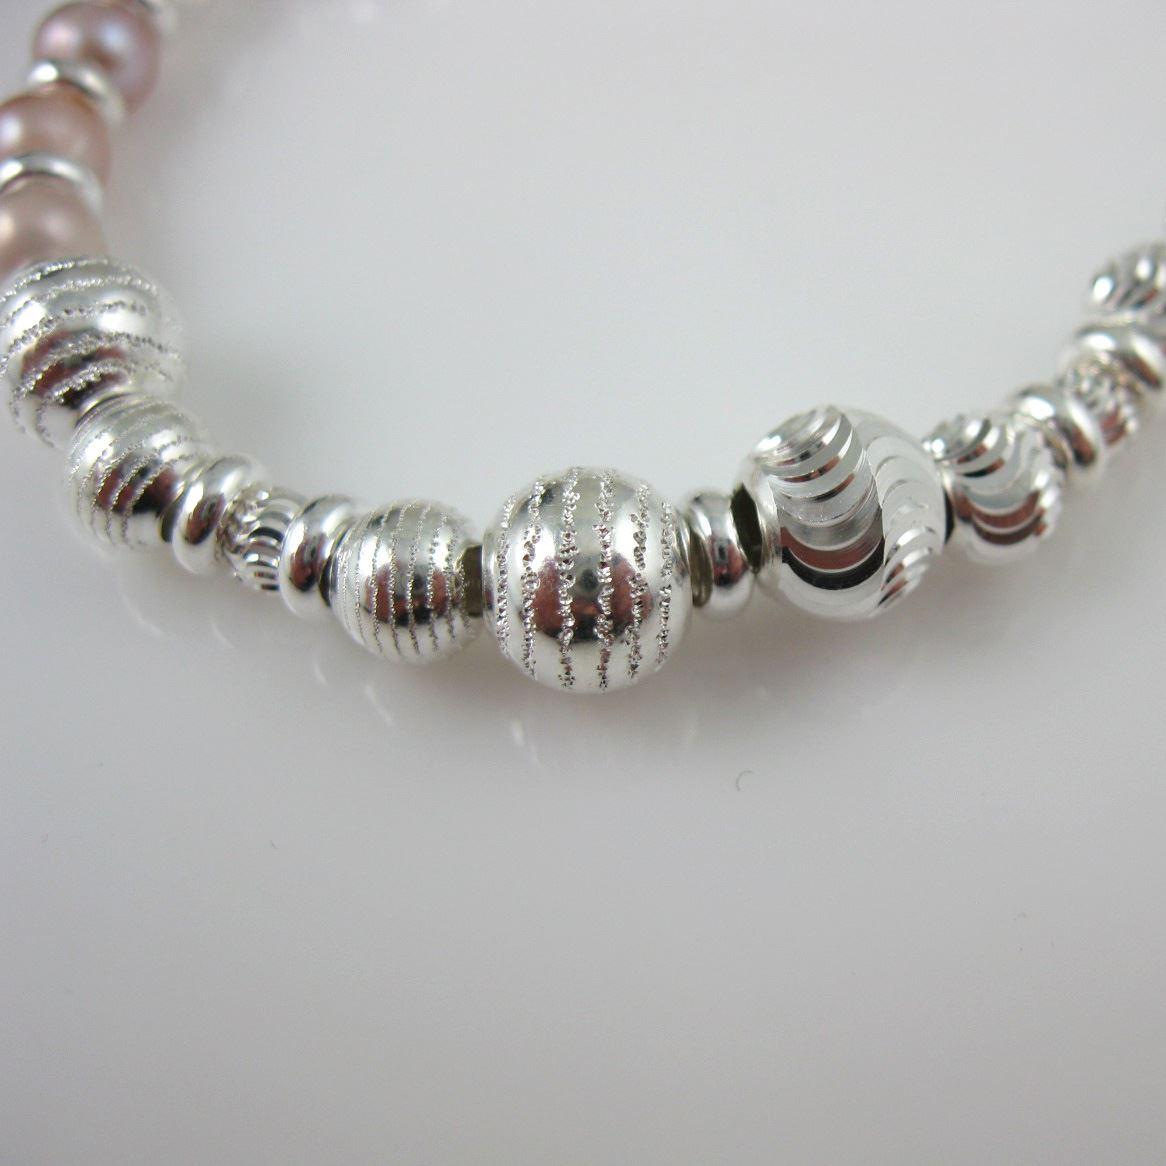 June Birthstone Bracelet-Sterling Silver Glamour Beaded Bracelet-Beaded Bracelet-Pearl and Silver-Fancy Bracelet-Glamourous Jewelry